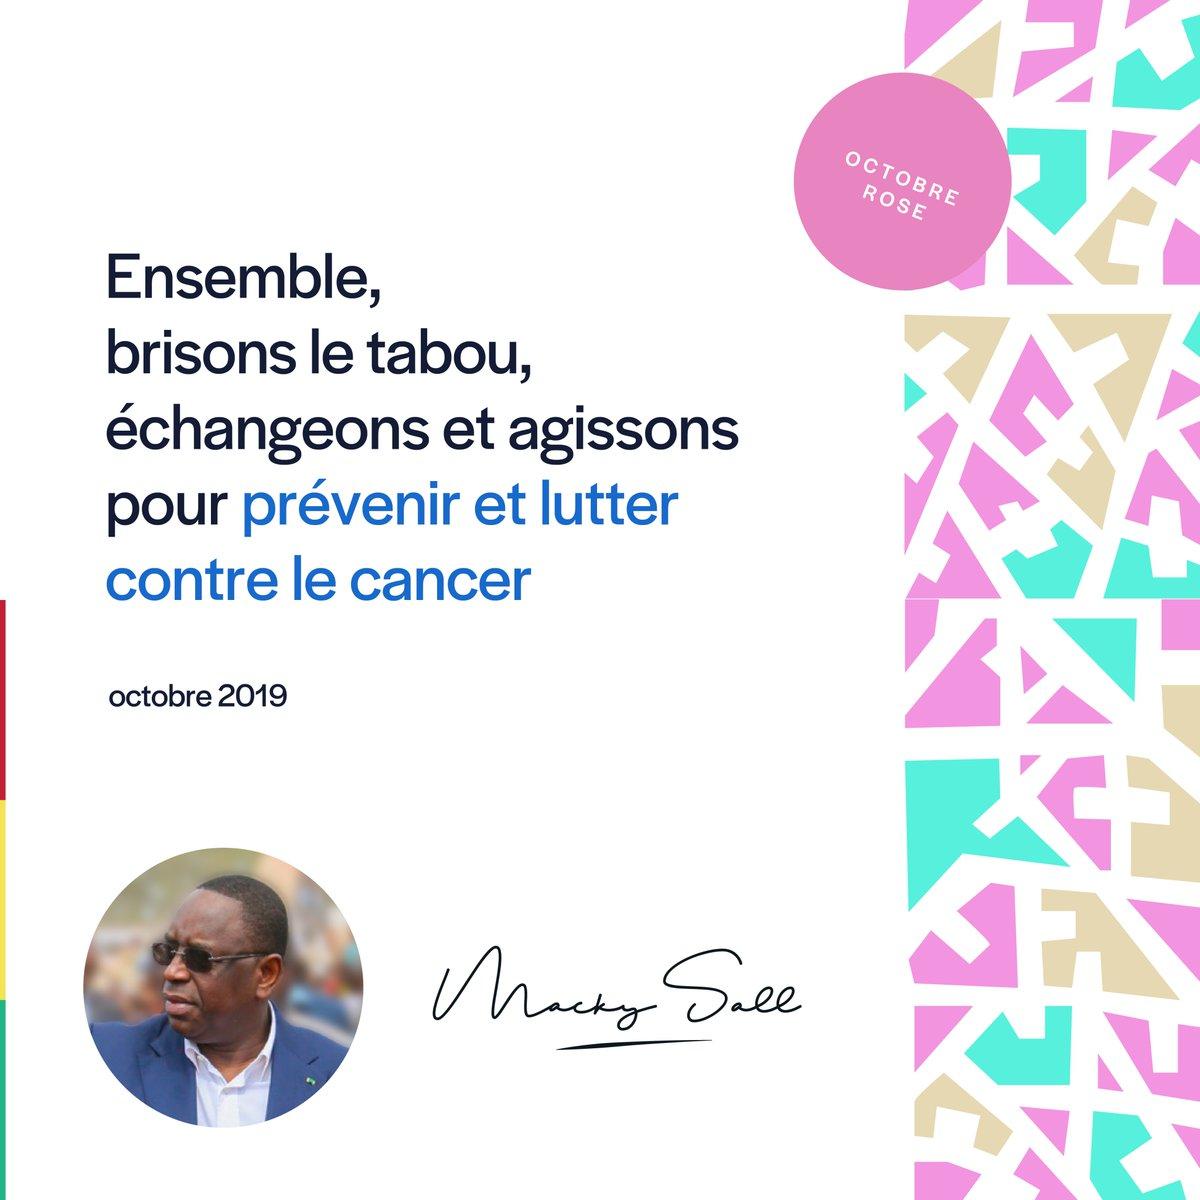 #OctobreRose Aujourd'hui débute le mois dédié à la prévention du cancer du sein. Mes pensées pour toutes ces femmes courageuses qui se sont battues et continuent de se battre.